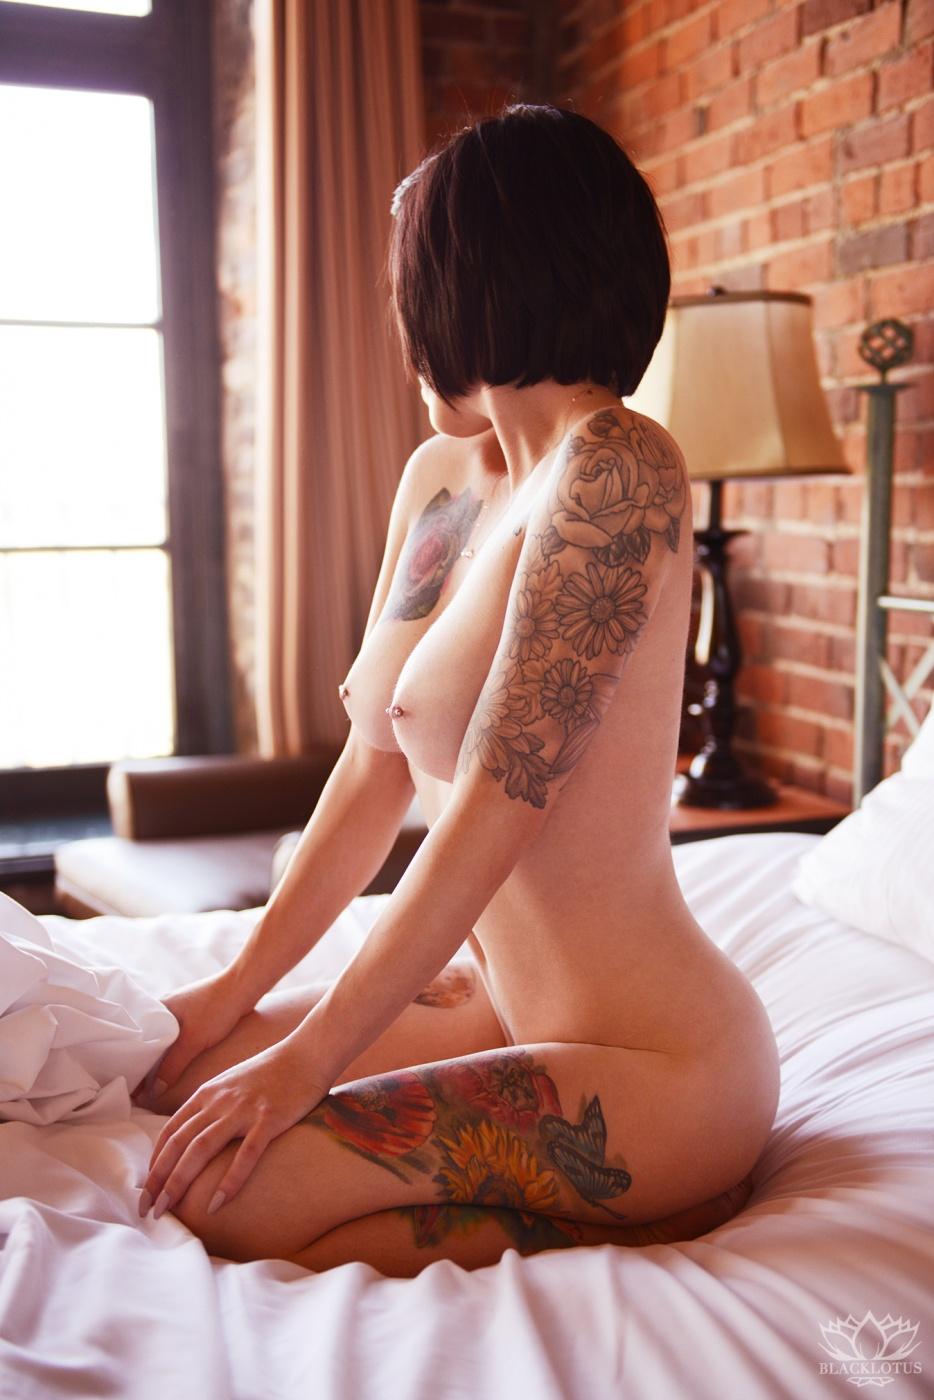 Chloe May